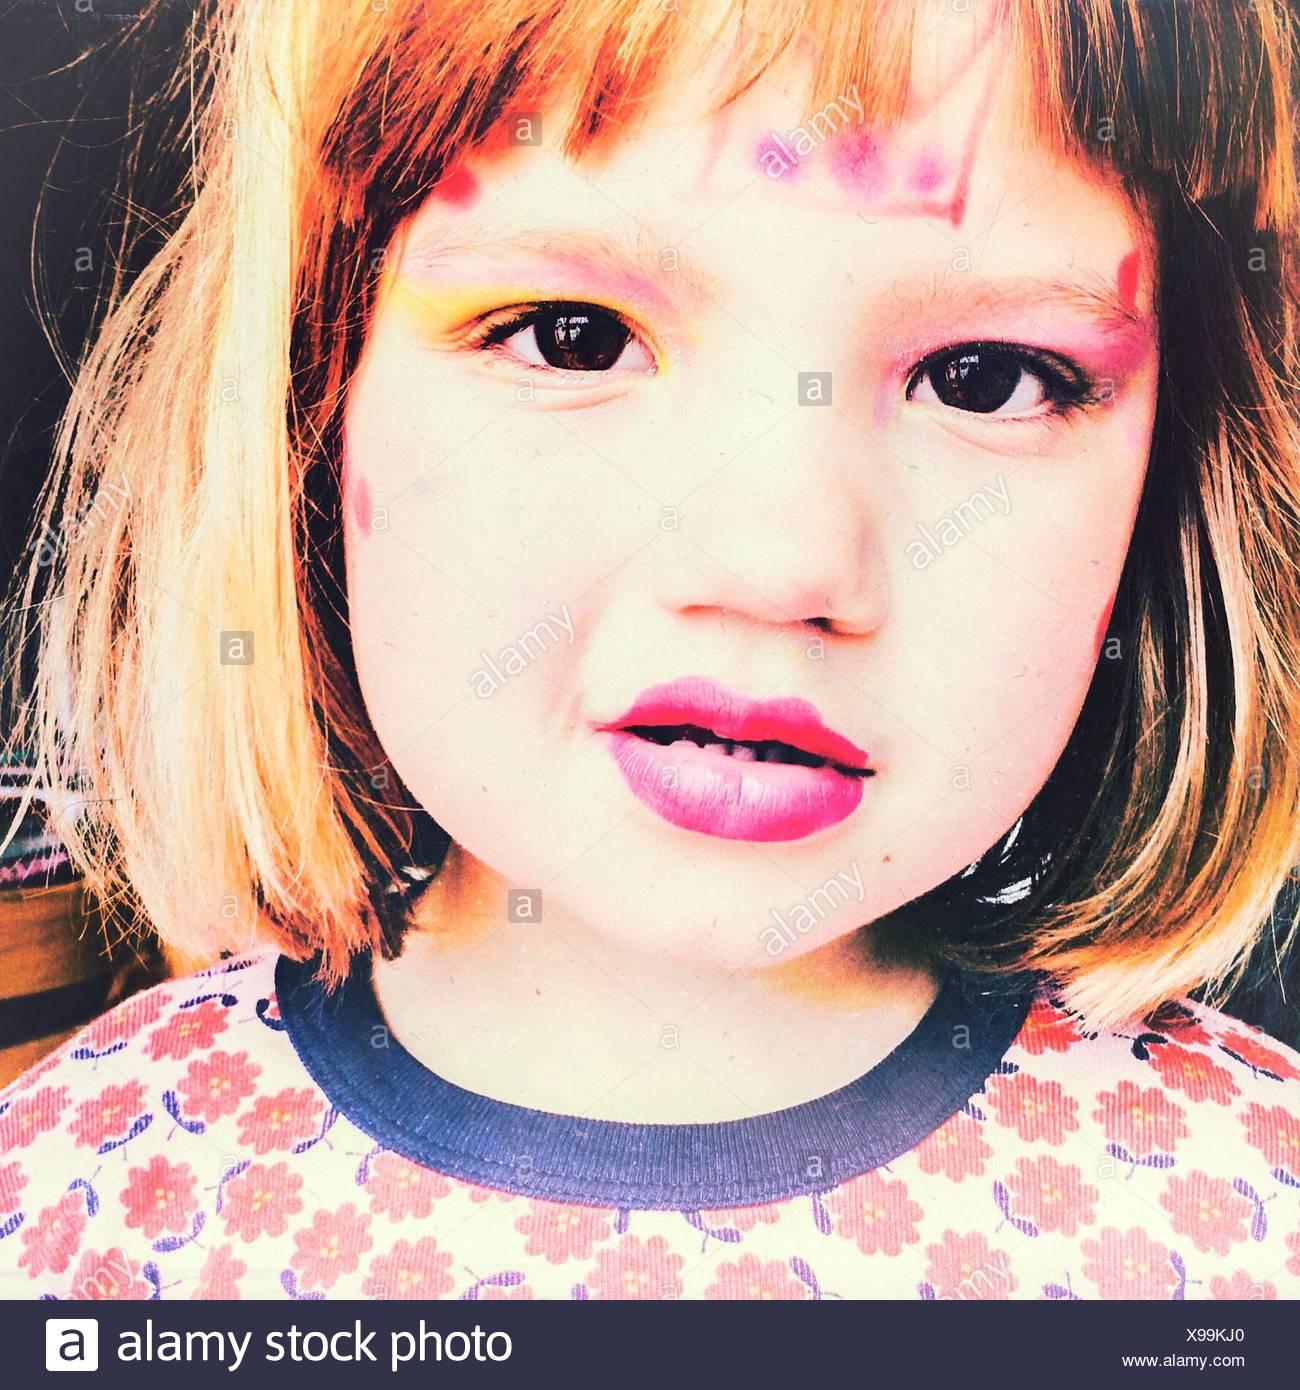 En primer plano el retrato de chica que llevaba maquillaje Imagen De Stock